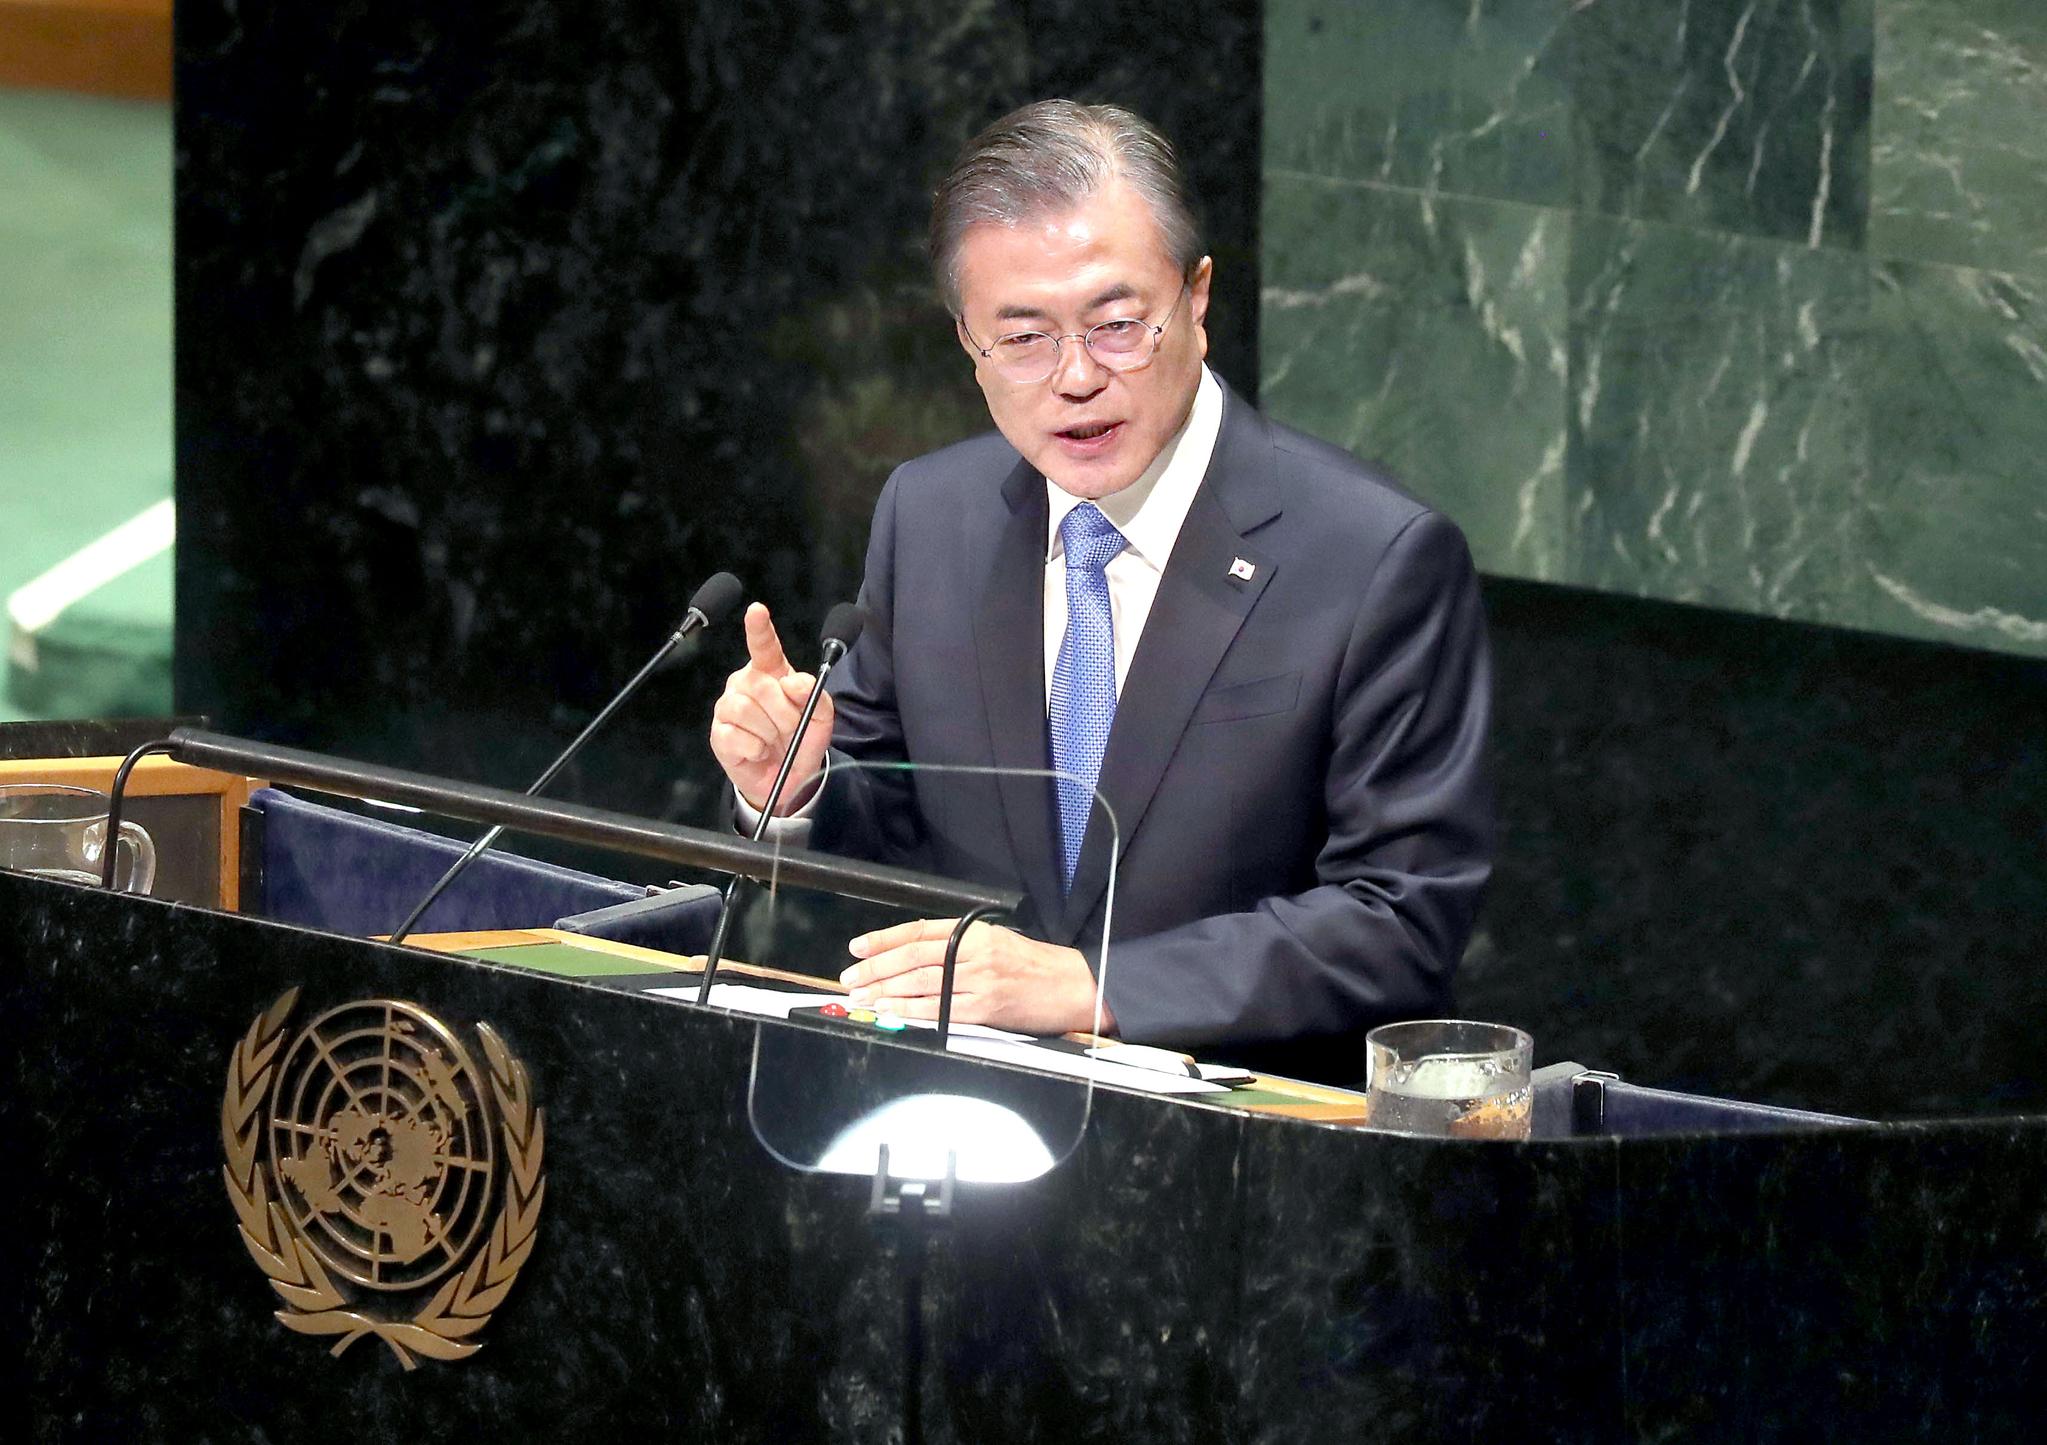 문재인 대통령이 지난해 9월 24일(현지시간) 미국 뉴욕에서 열린 74차 유엔총회에서 기조연설을 하고 있다. 청와대사진기자단